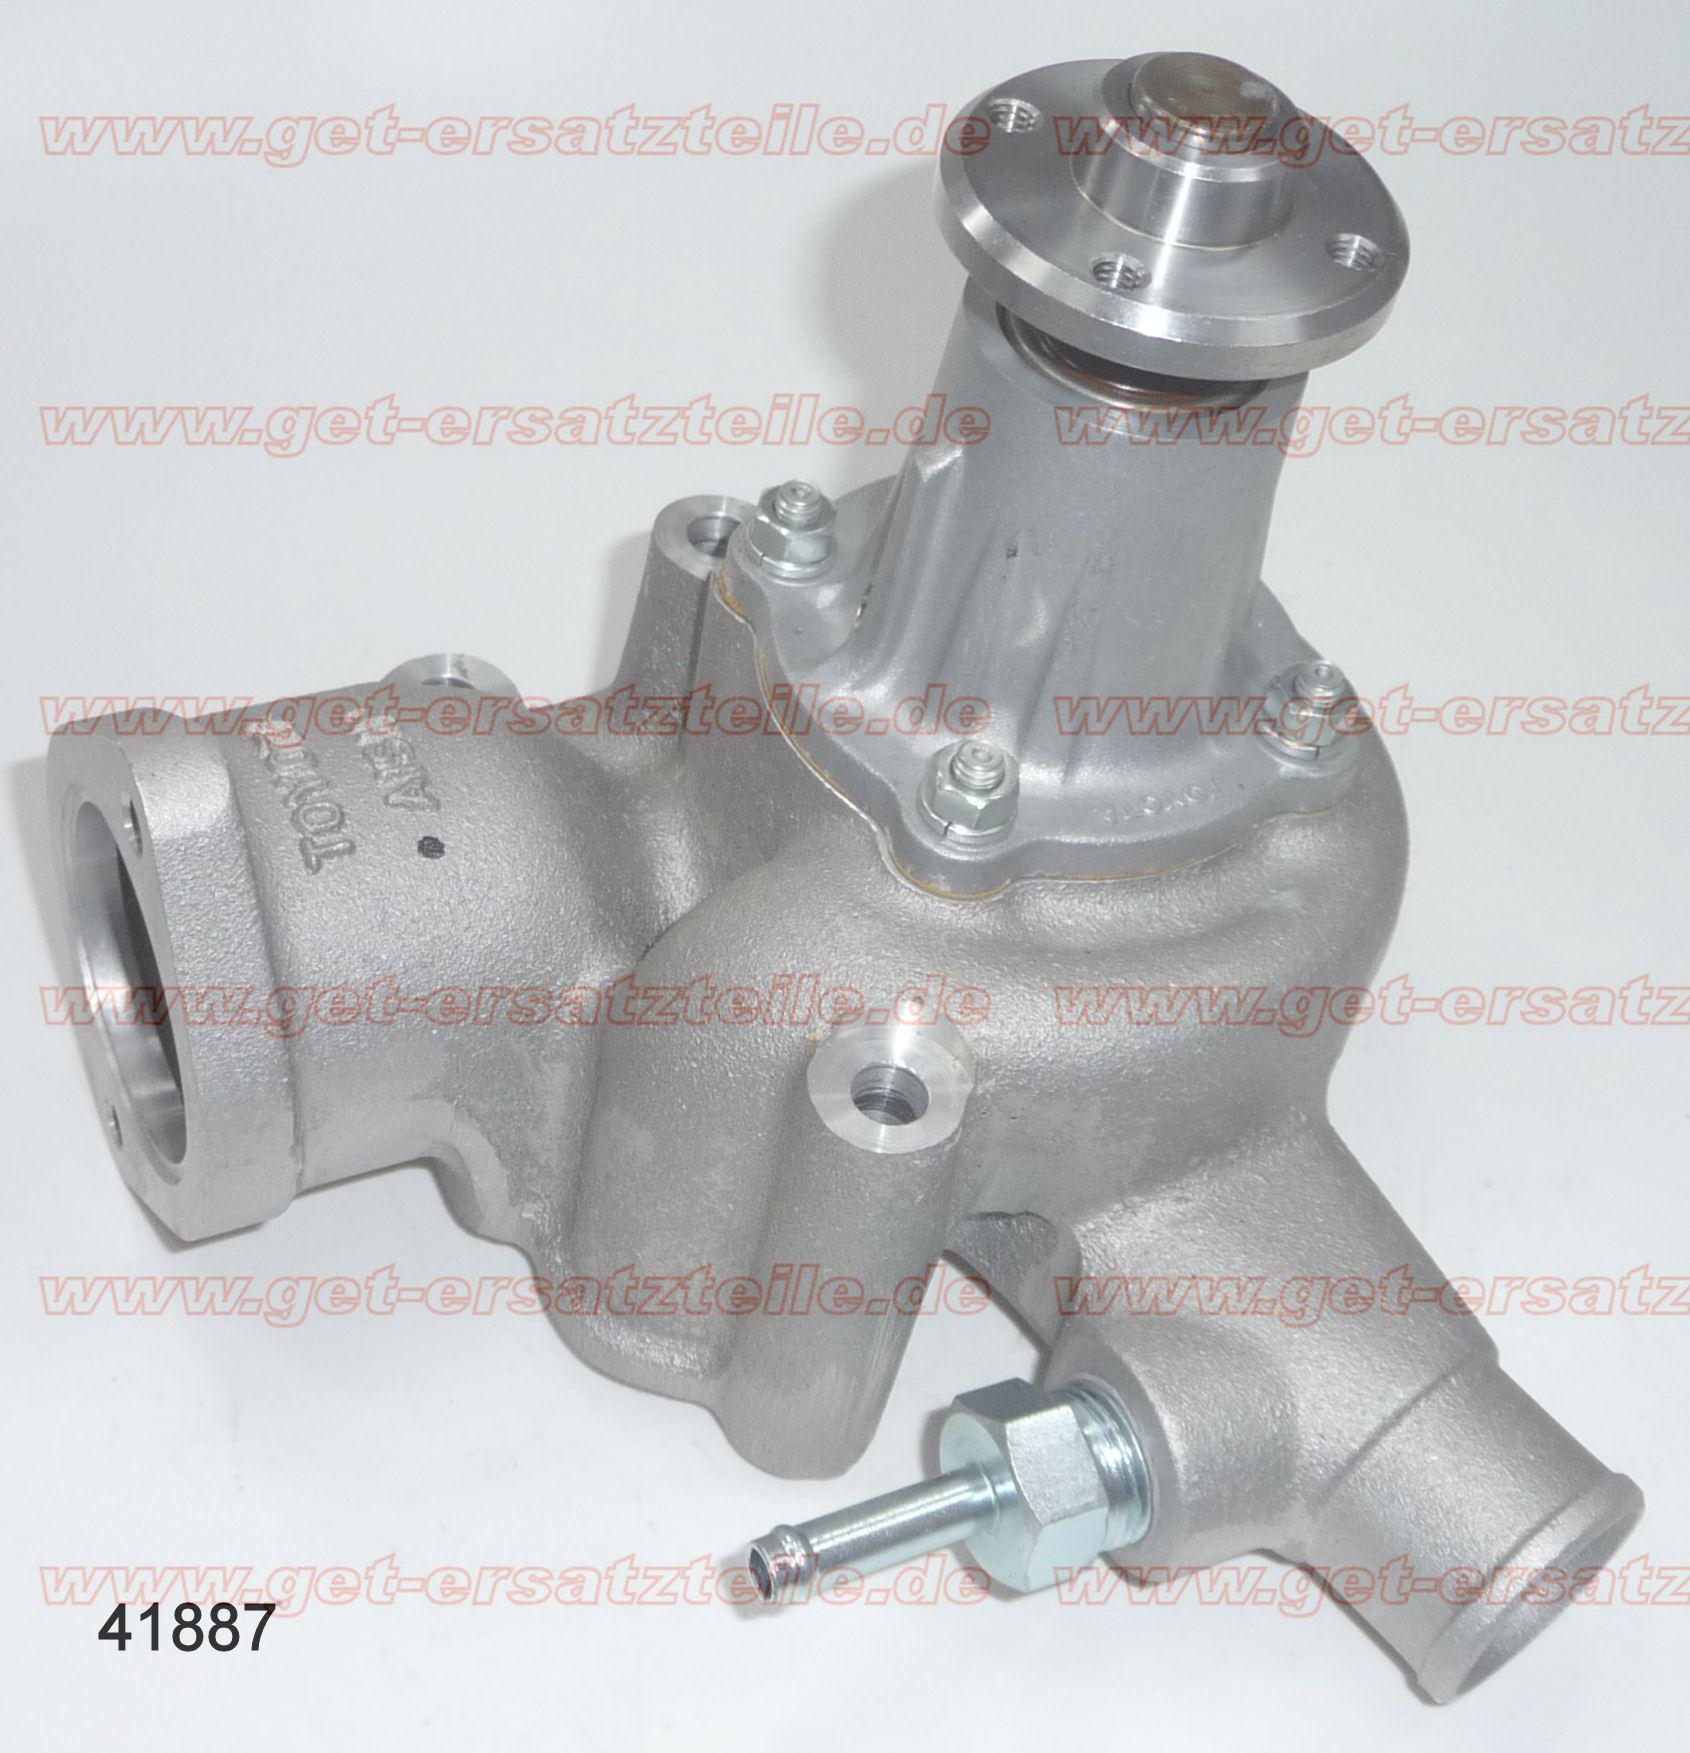 Teile für Motor, Anlasser, Lichtmaschine, Nockenwelle, Hauptlager, Pleuellager, Clark, Linde, Toyota